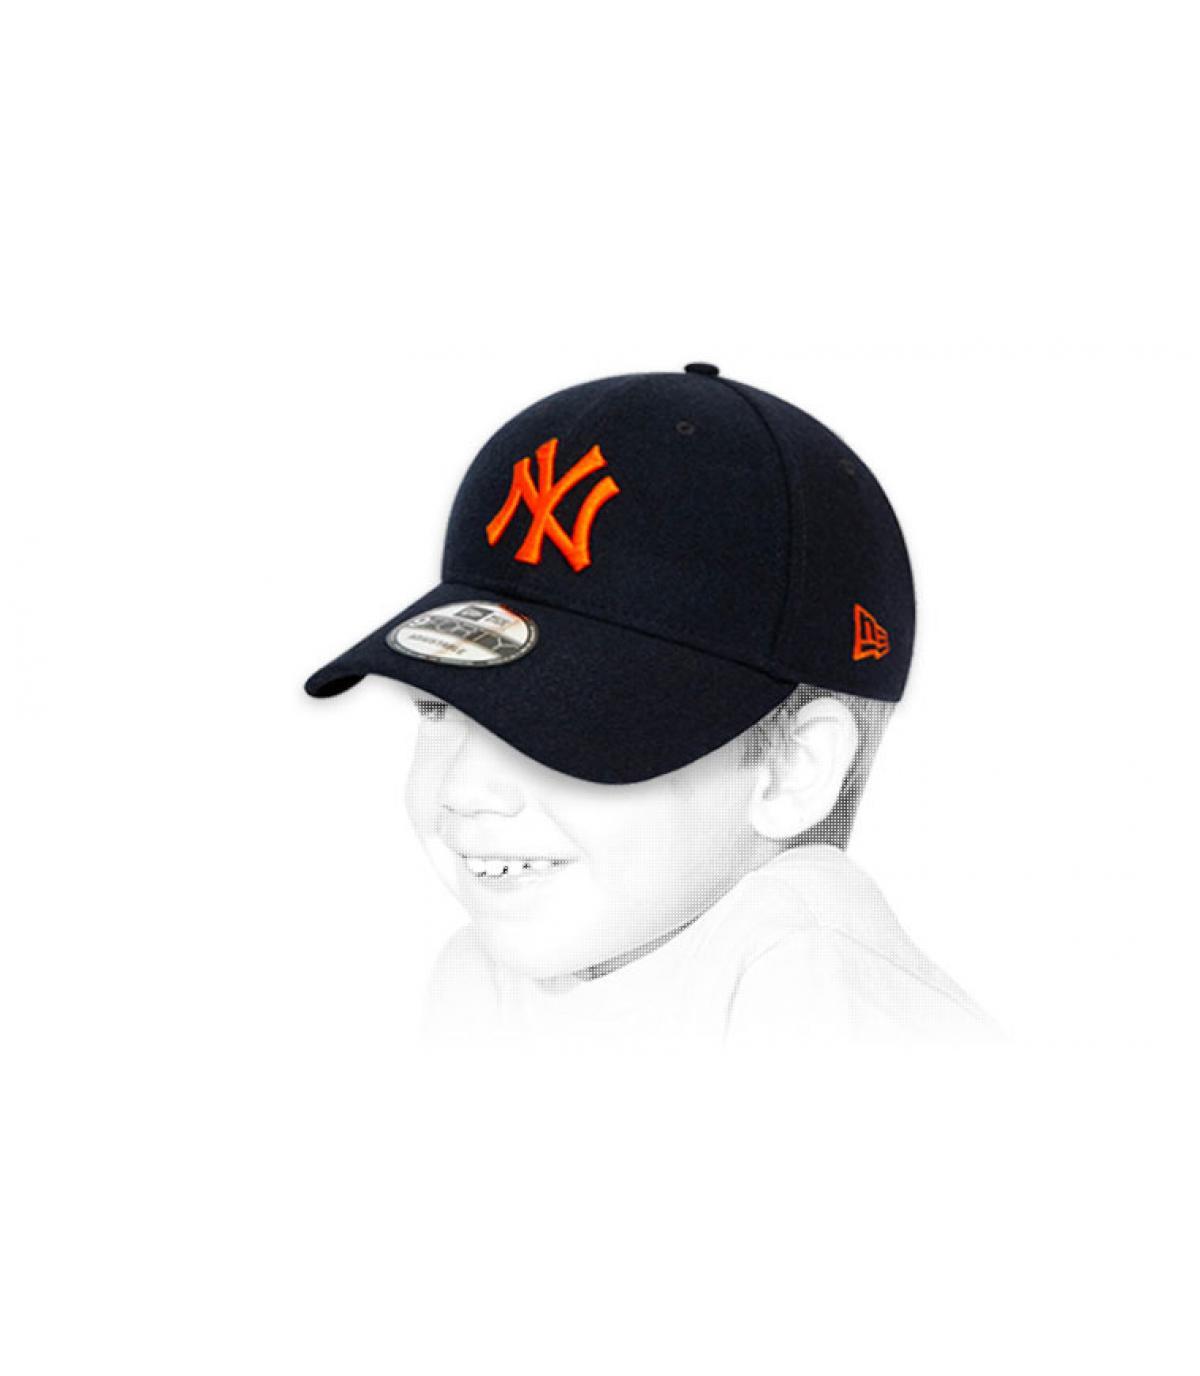 zwarte NY kindermuts